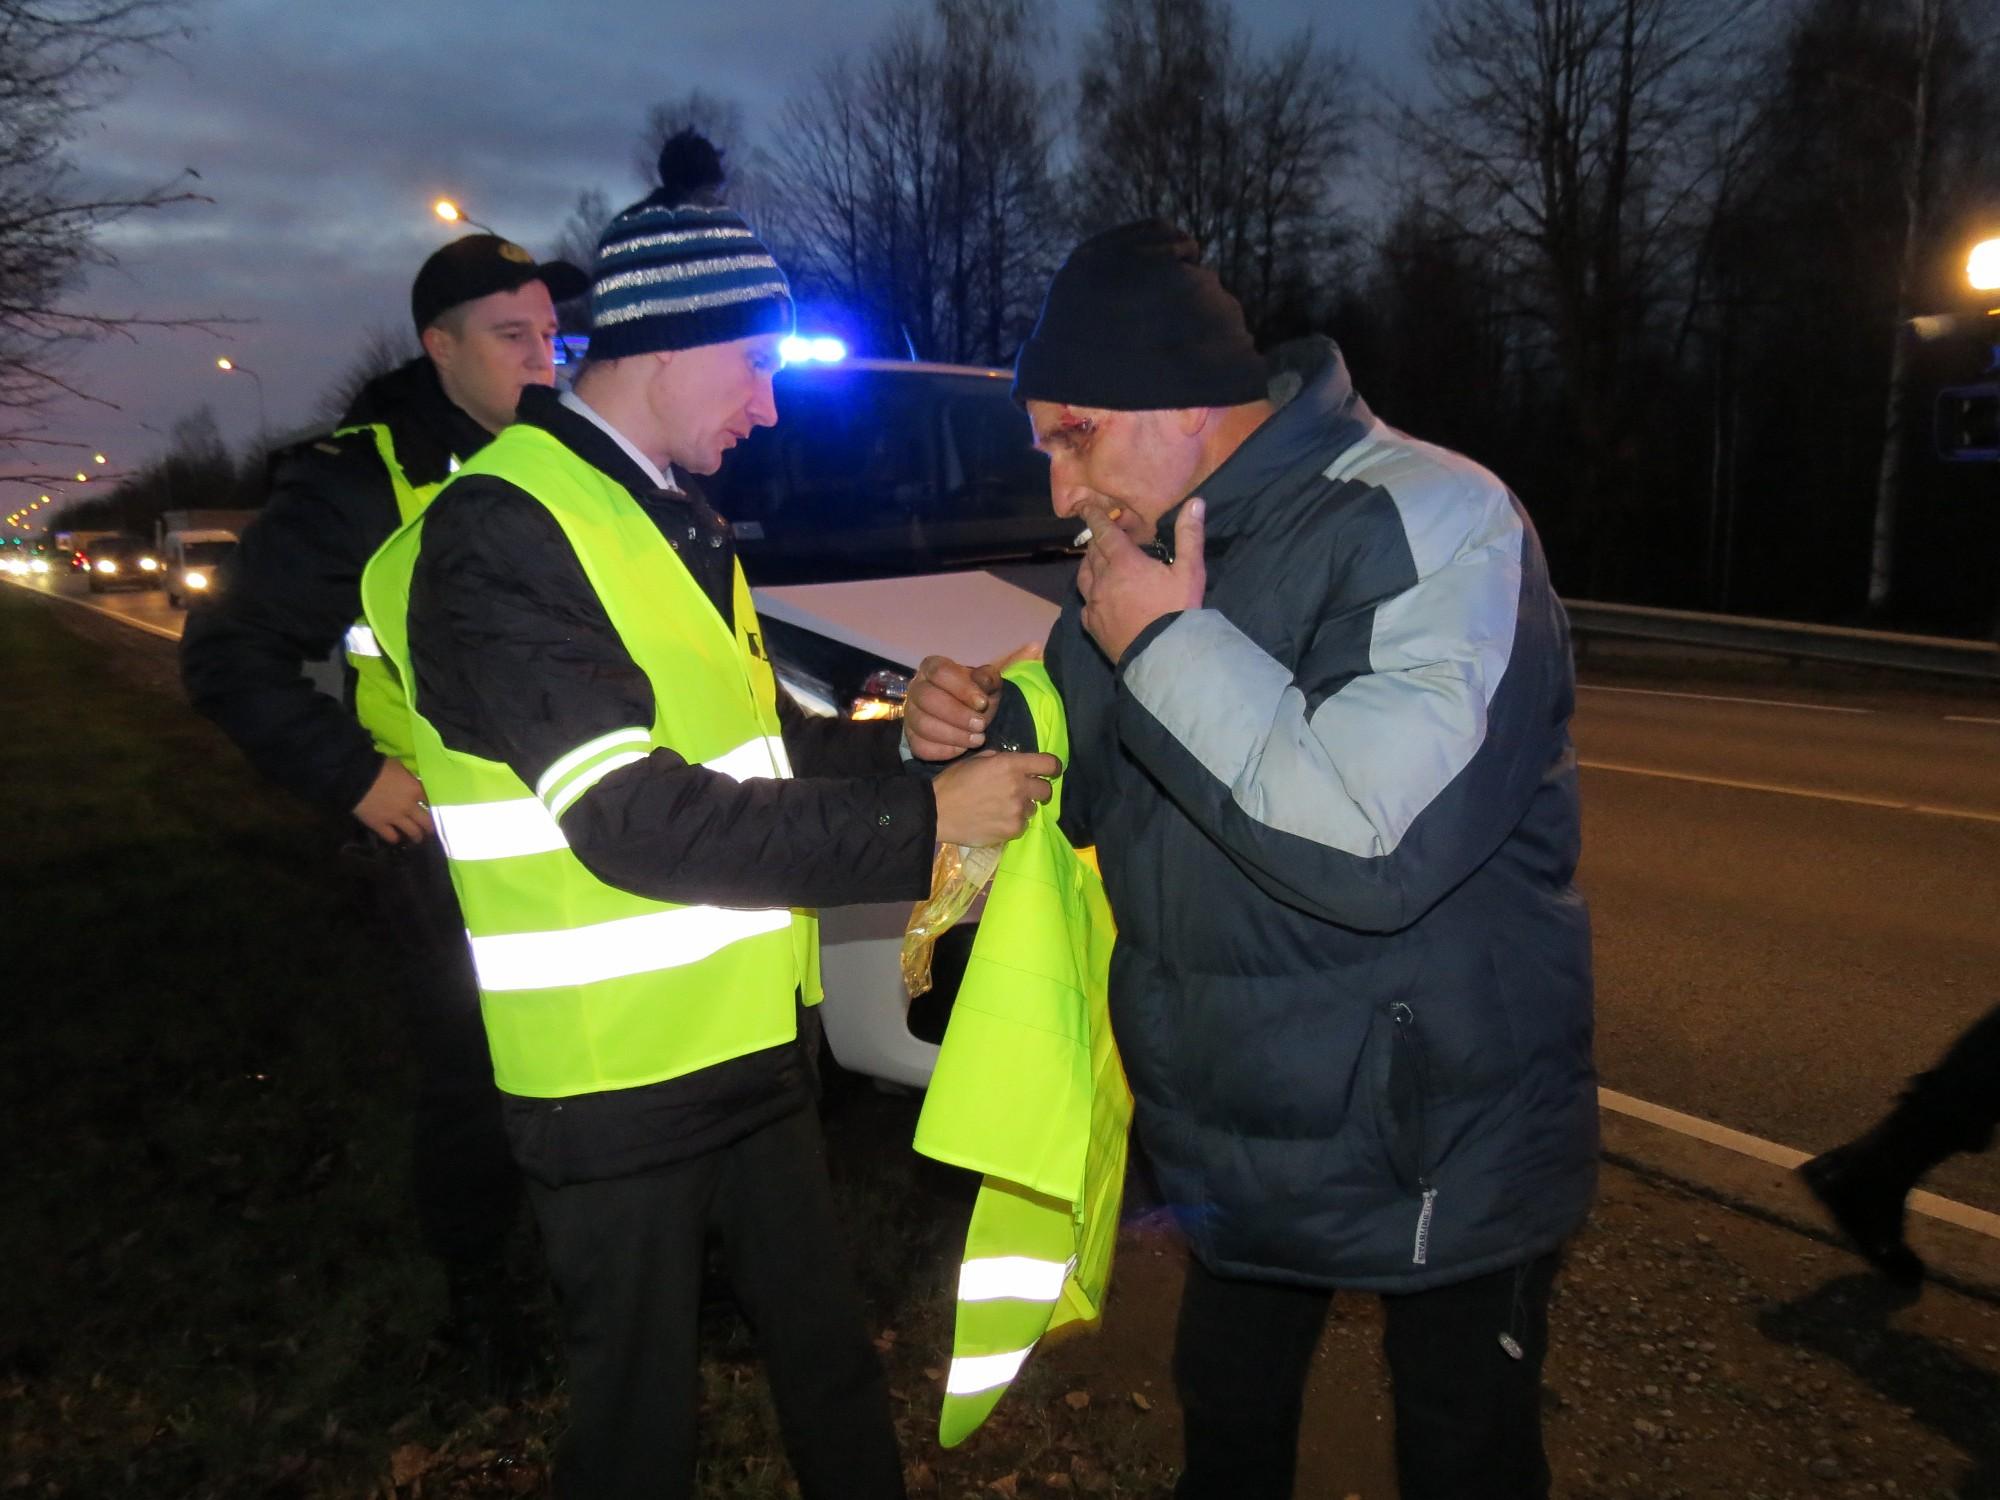 ФОТО: Профилактический рейд перевернулся в спасательную операцию